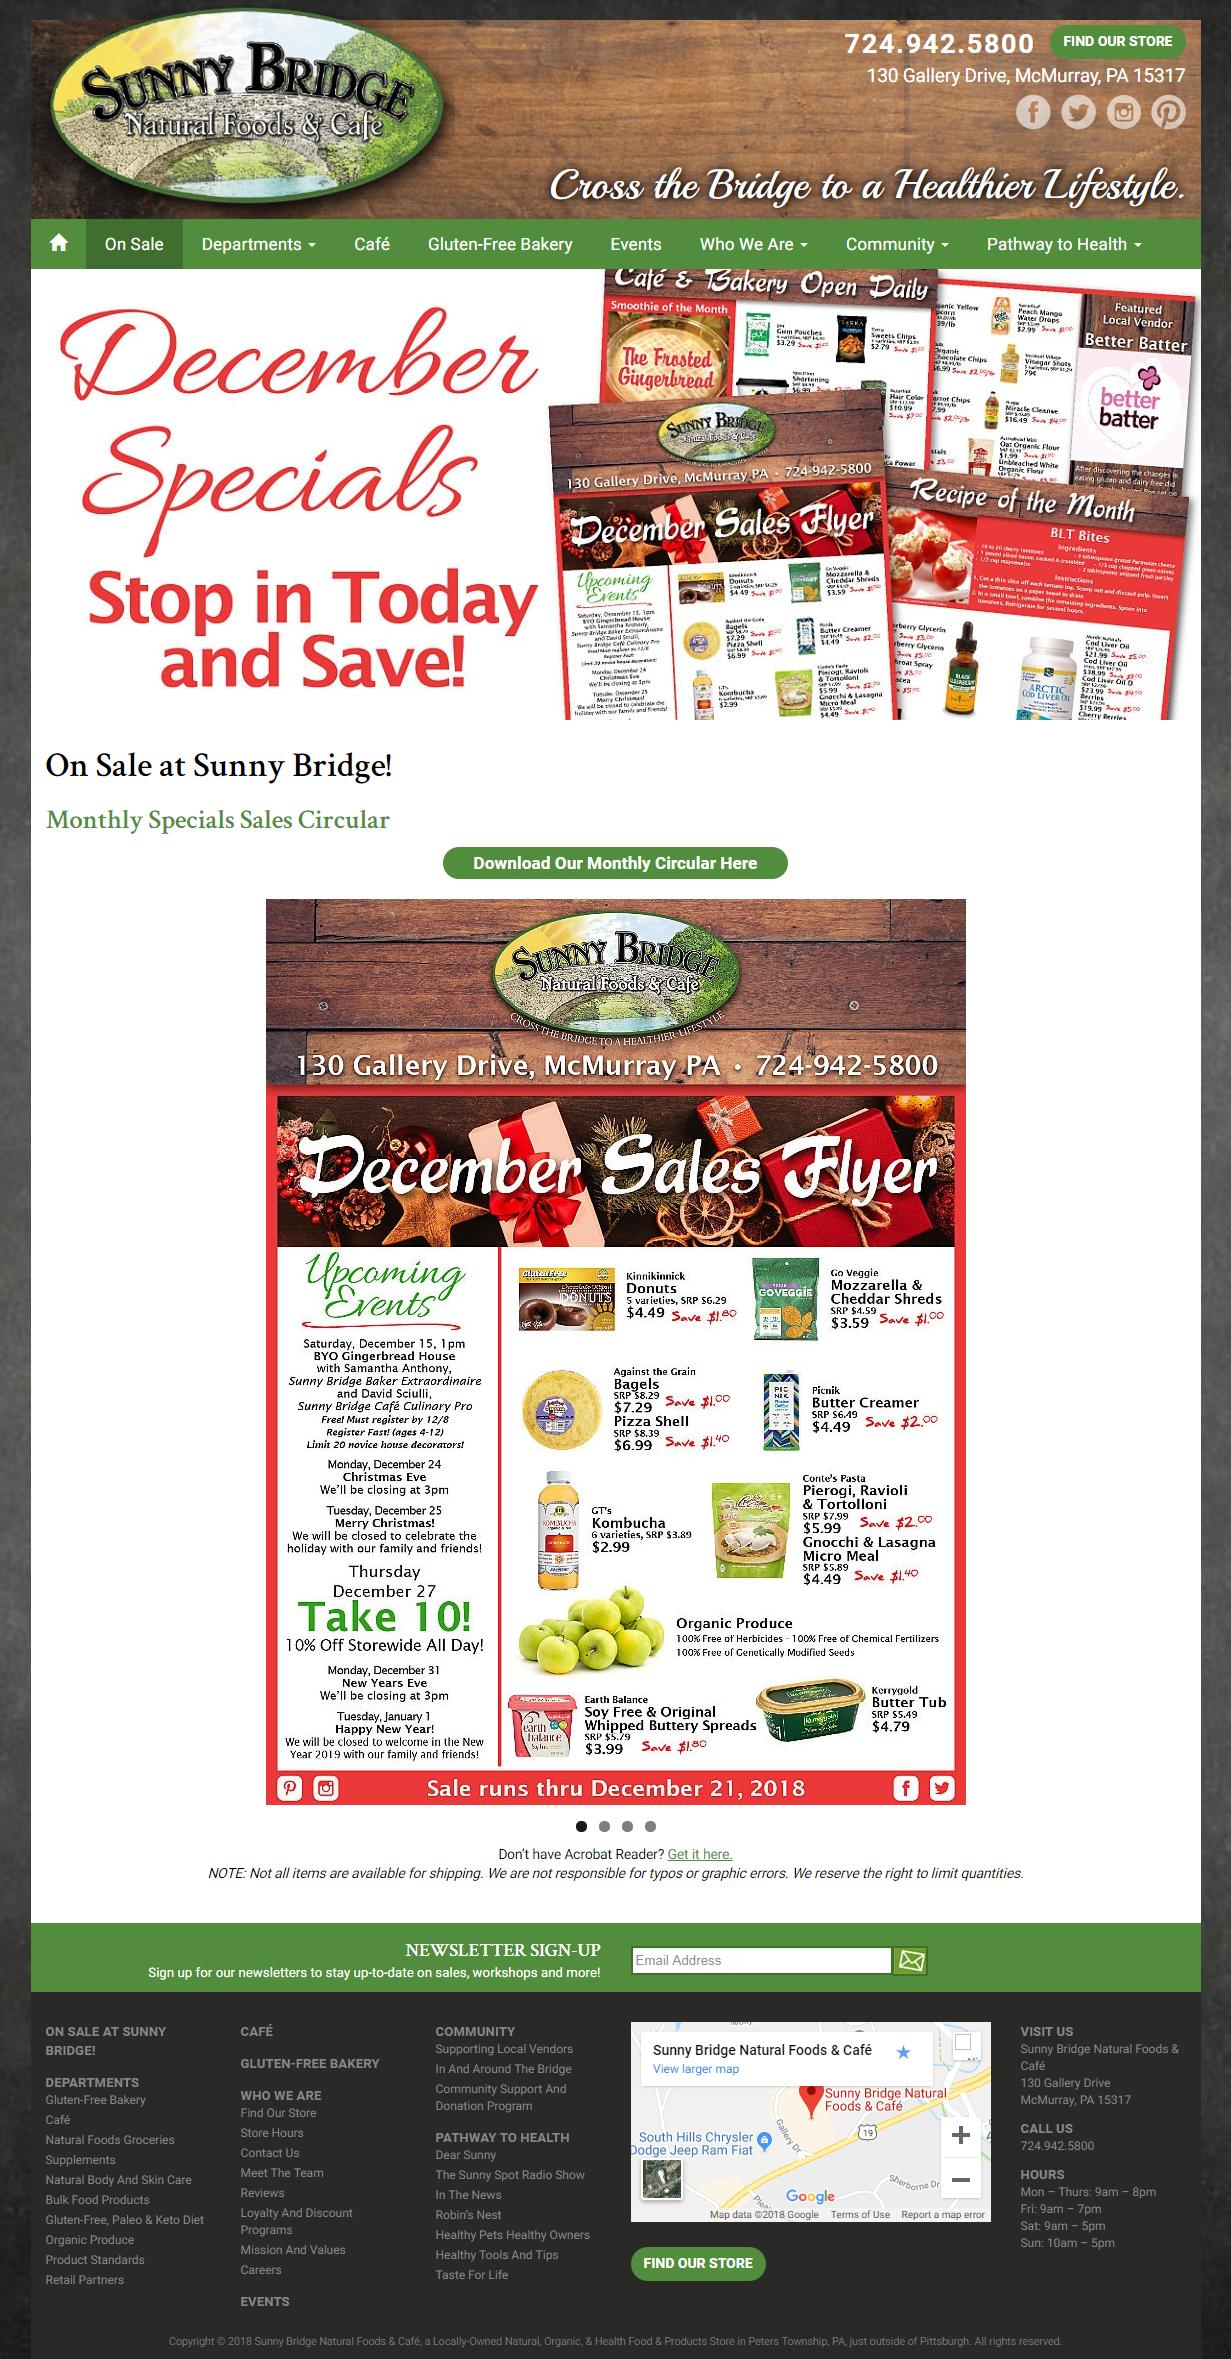 Sales Flier Page